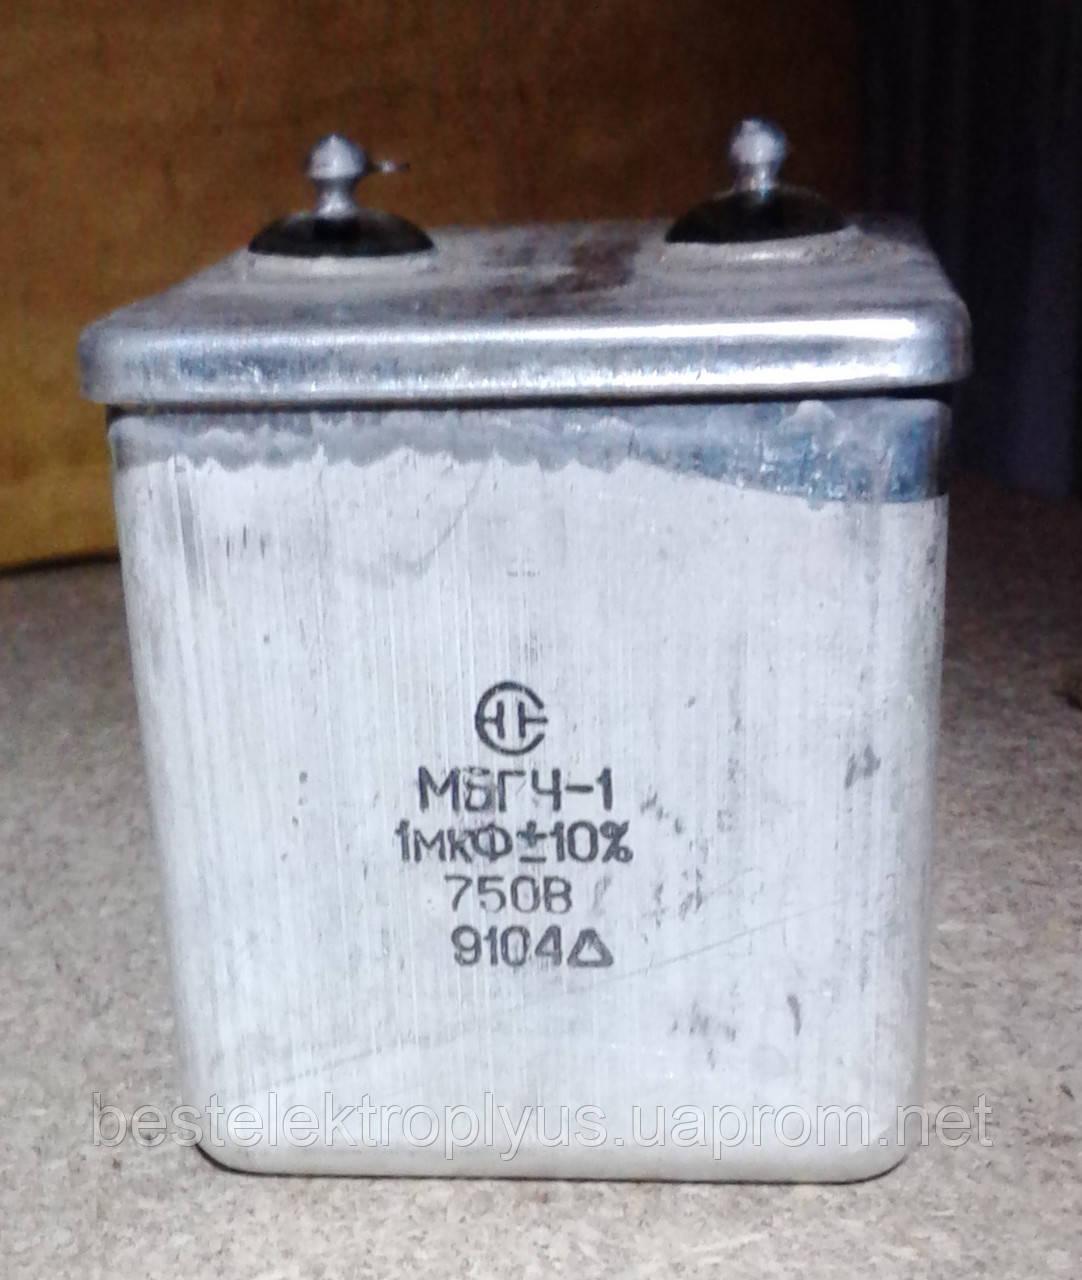 КонденсаторМБГЧ-1 750В 1мкф